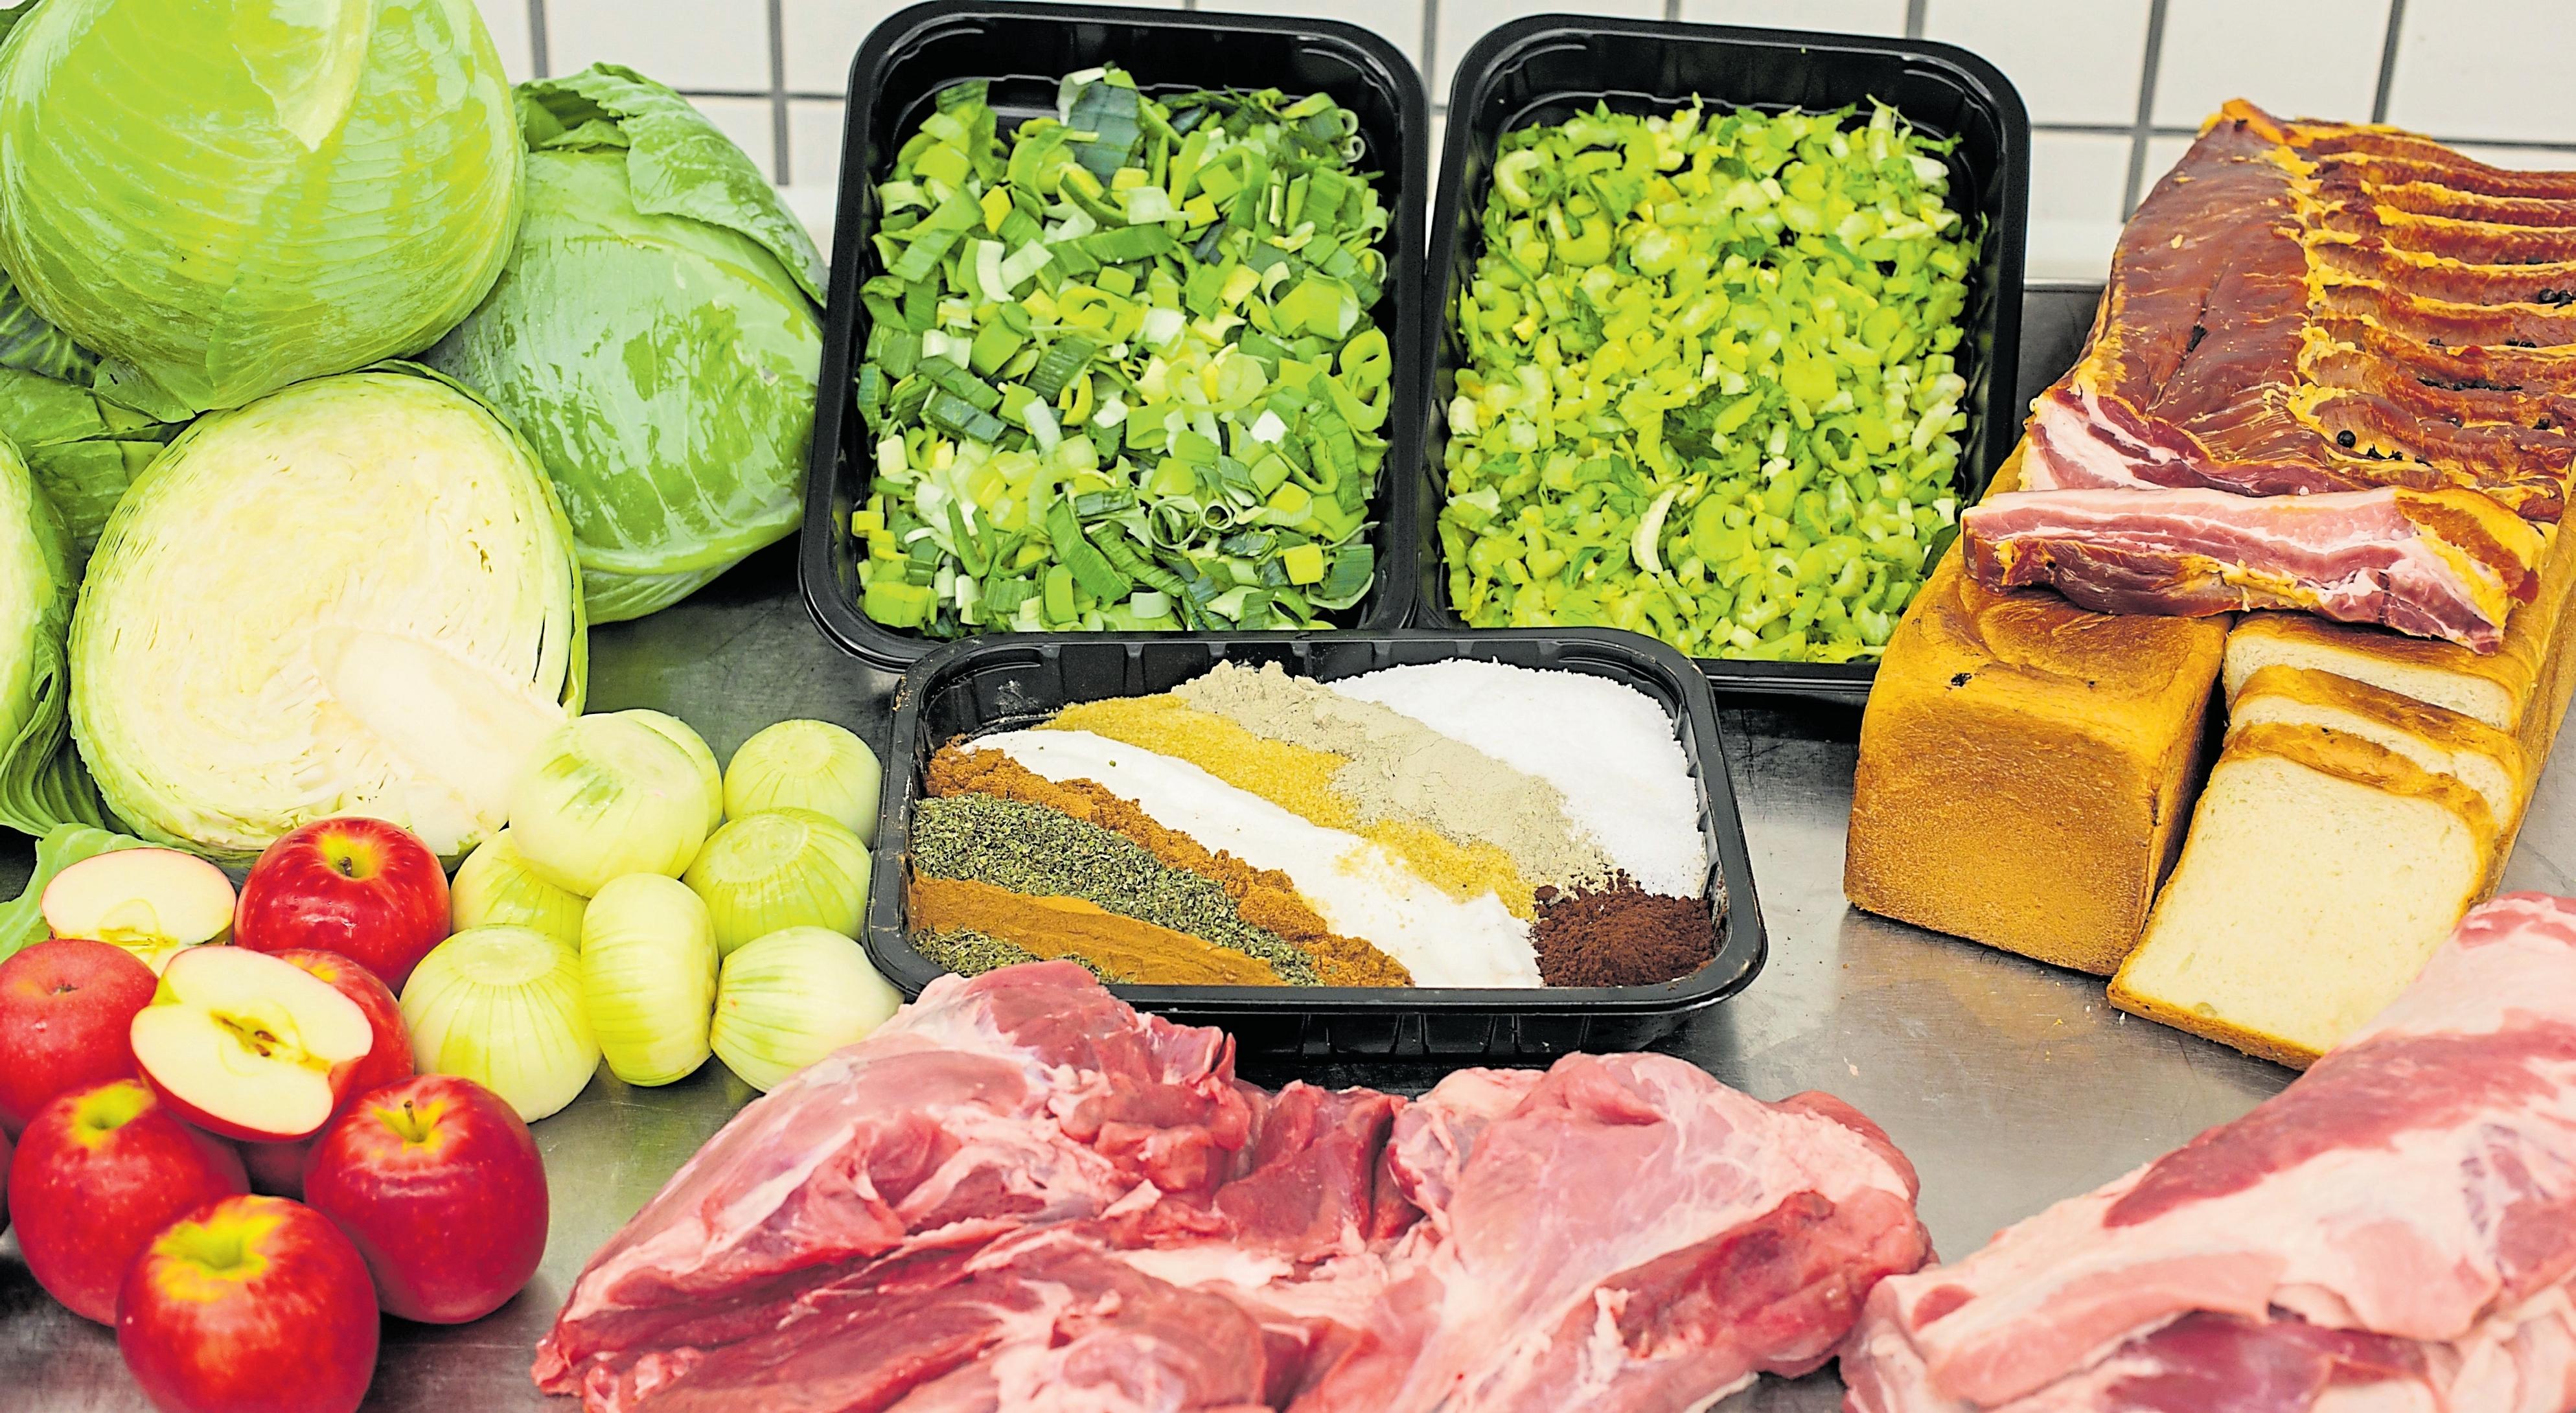 Neben Schweineblut werden für Träipen Brot, Sellerie, Lauch, Kohl, Zwiebeln, Fleisch, Speck und eine eigene Gewürzmischung verarbeitet.